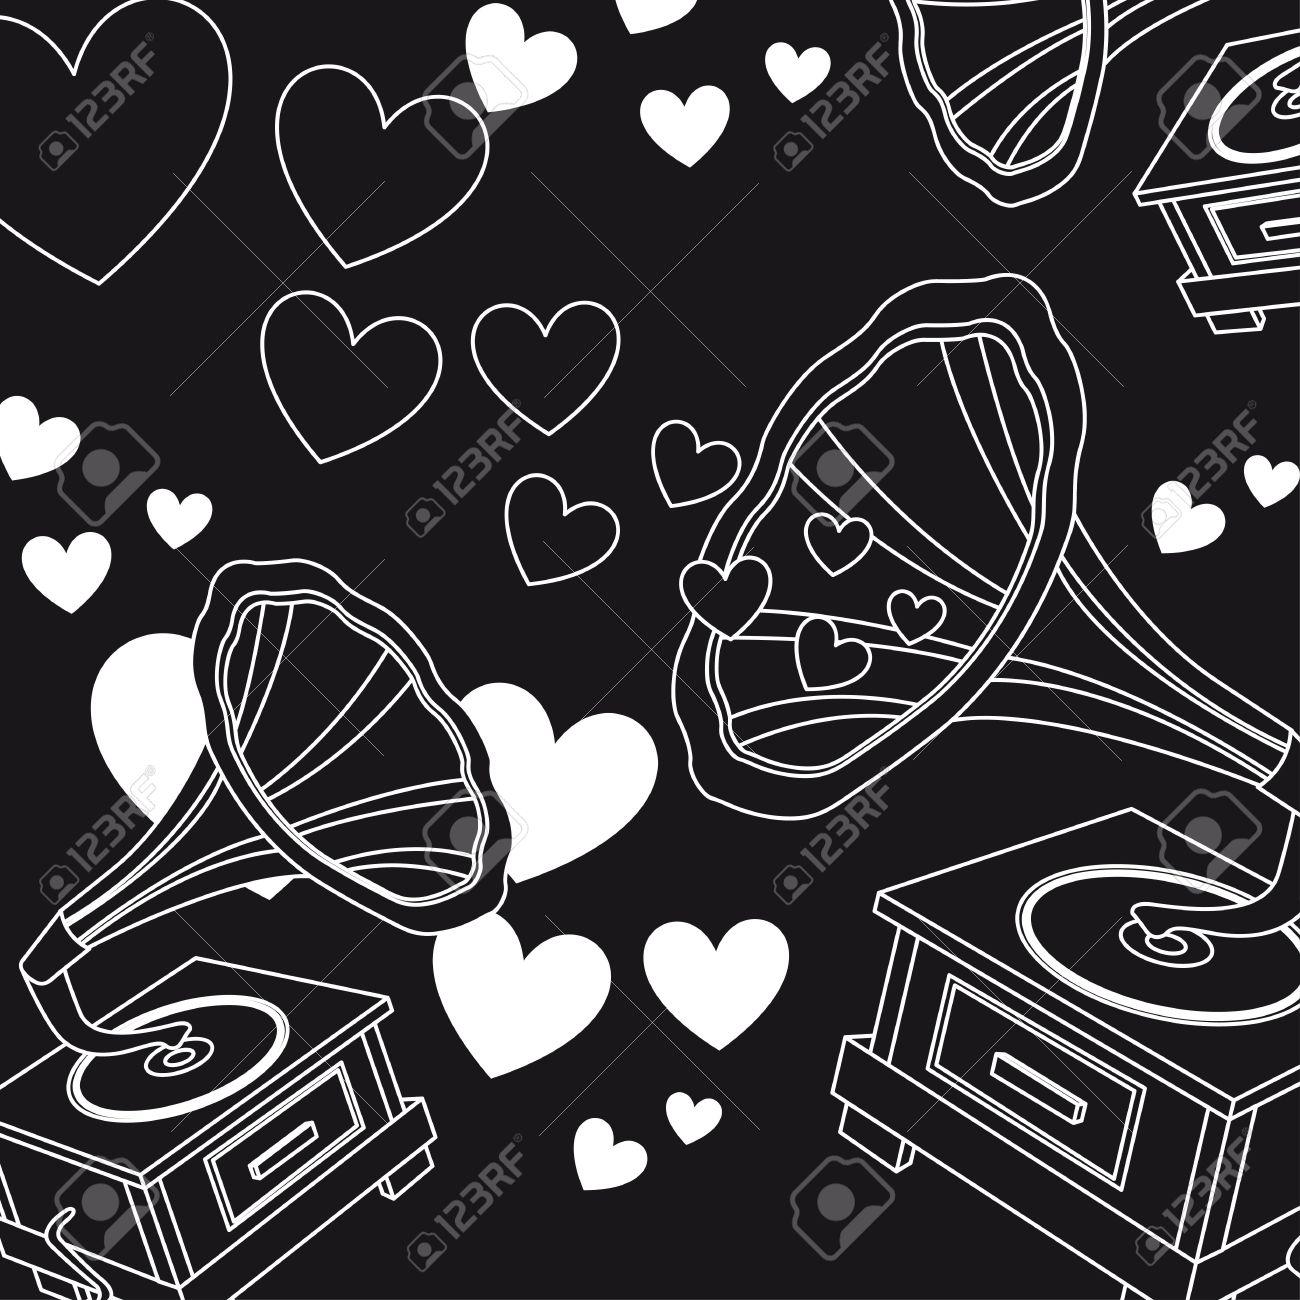 El Amor En Blanco Y Negro De Música Corazón Vector De Illutration